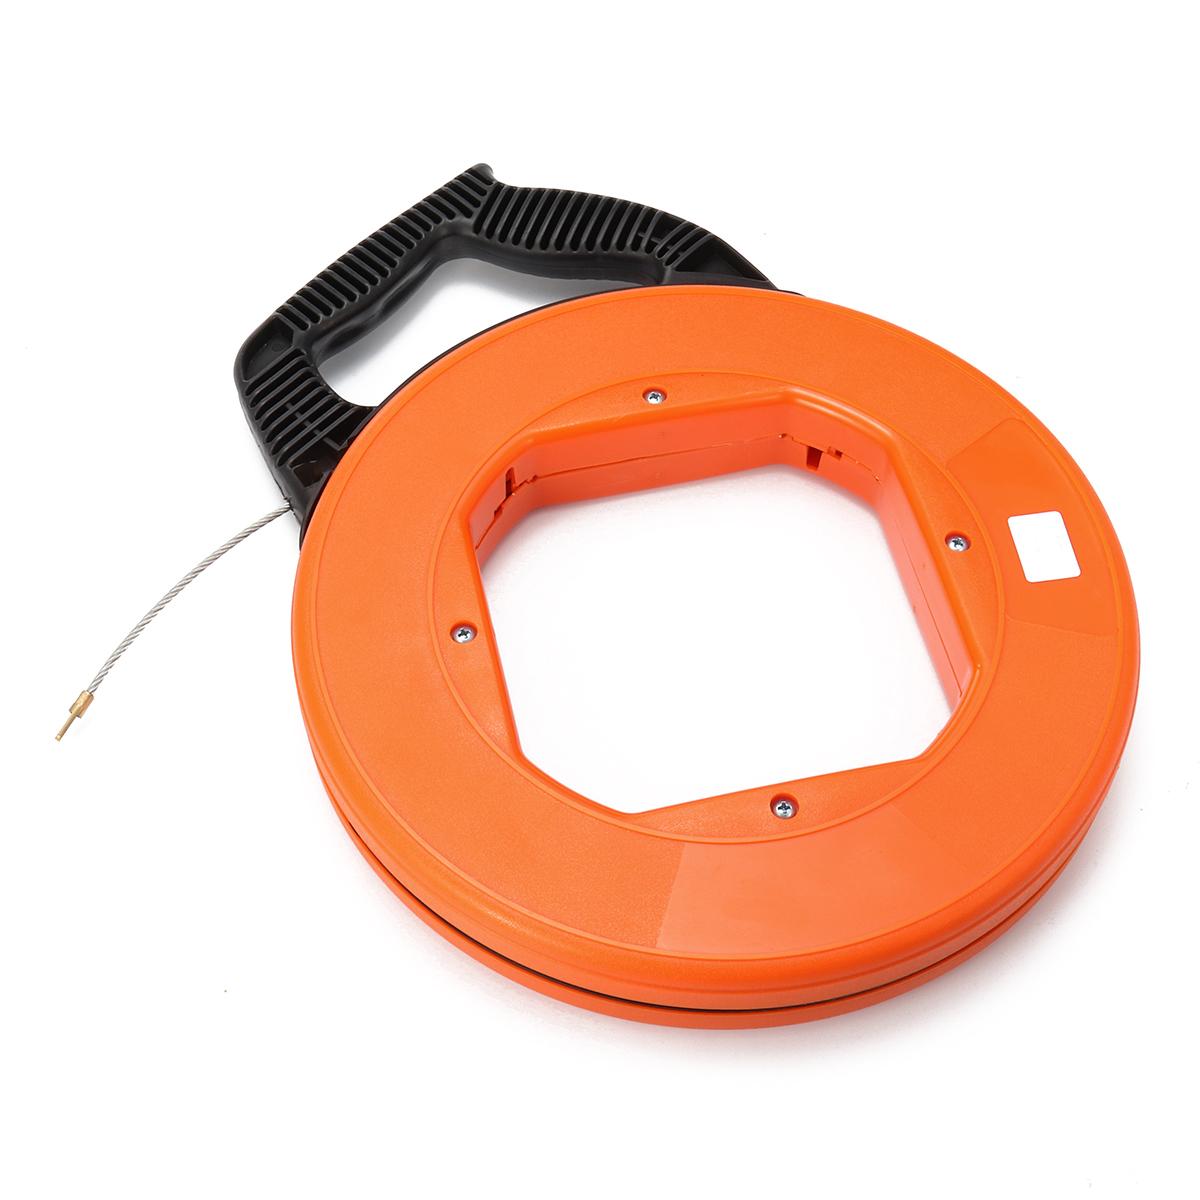 b190dfe4 019e 49e5 b625 9d85fc1695a5 45m/60m/75m Fiberglass Cable Puller Fish Tape Reel